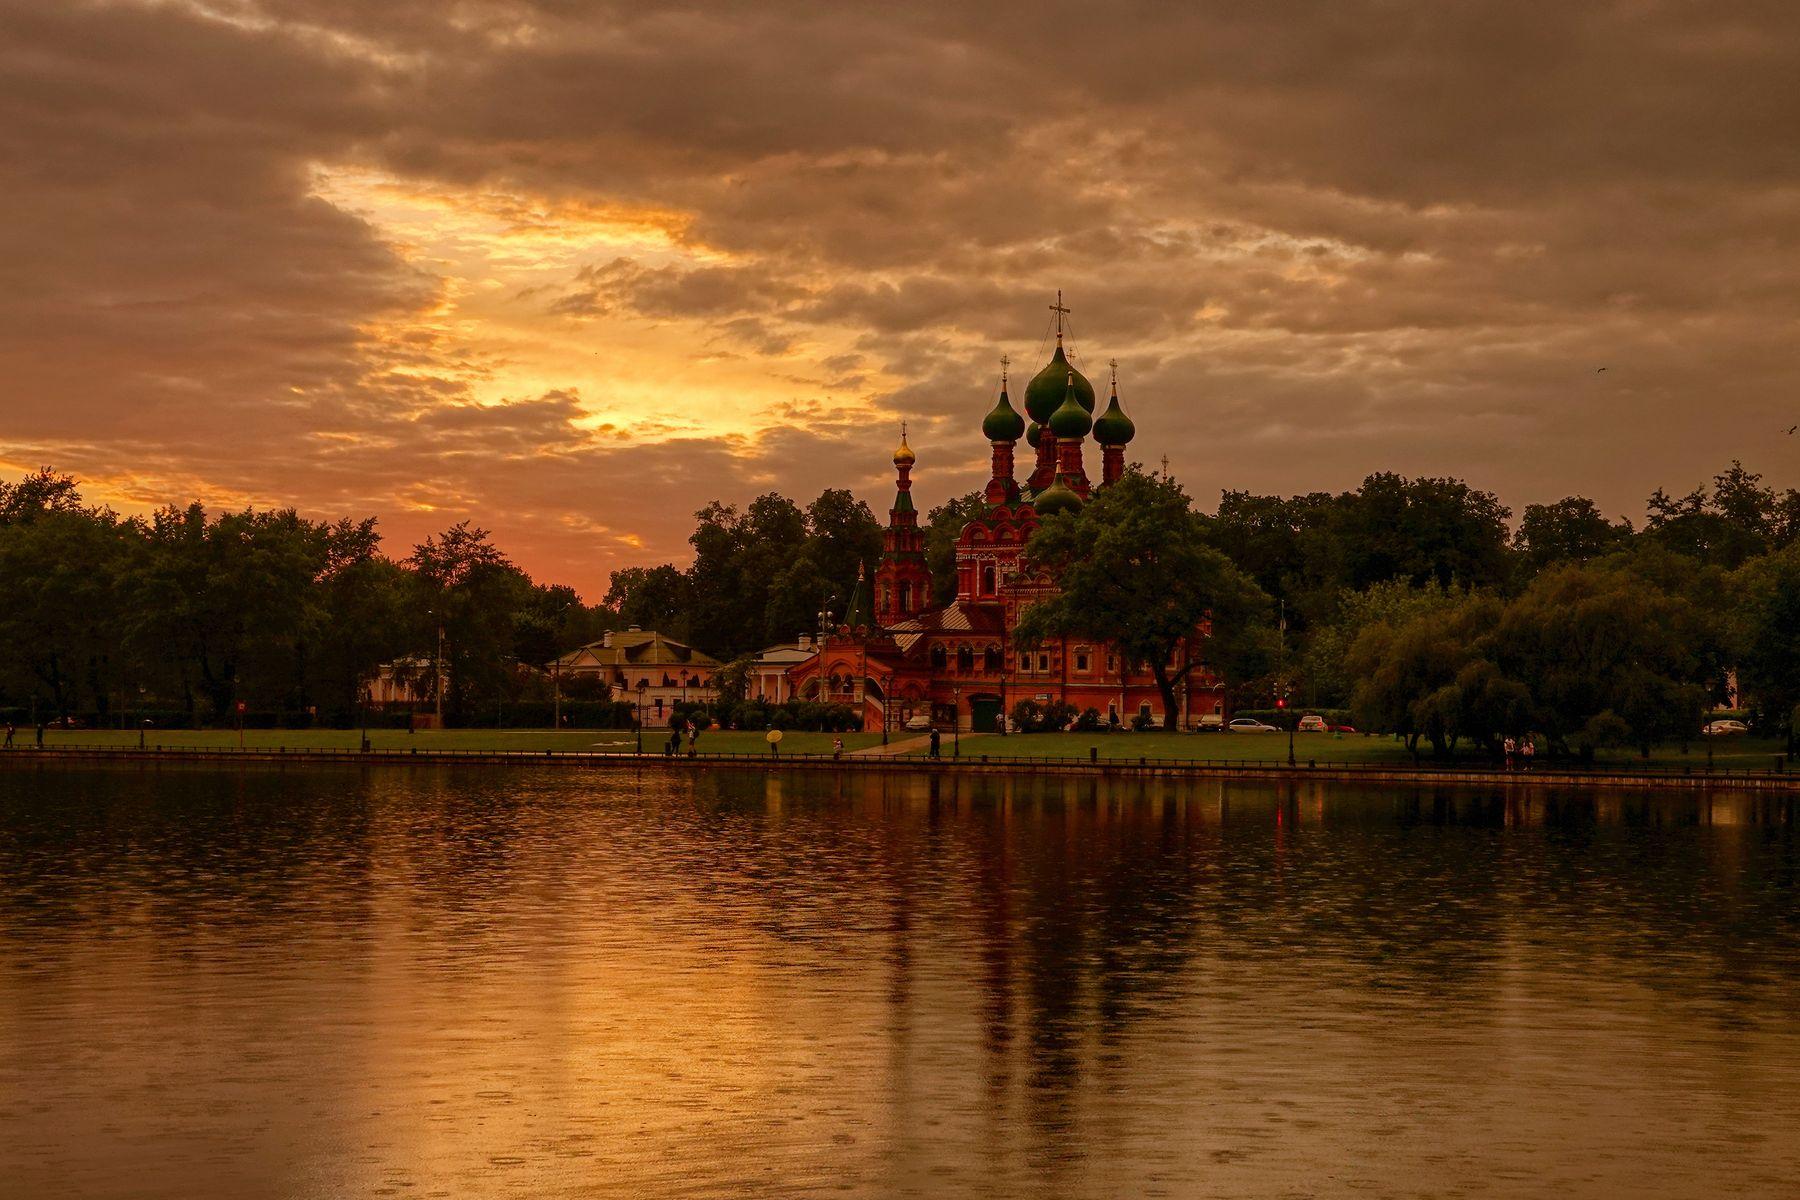 Дождливый вечер в Останкино антонмазаев antonmazaev moscow москва закат вечер пруд останкино церковь лето дождь город